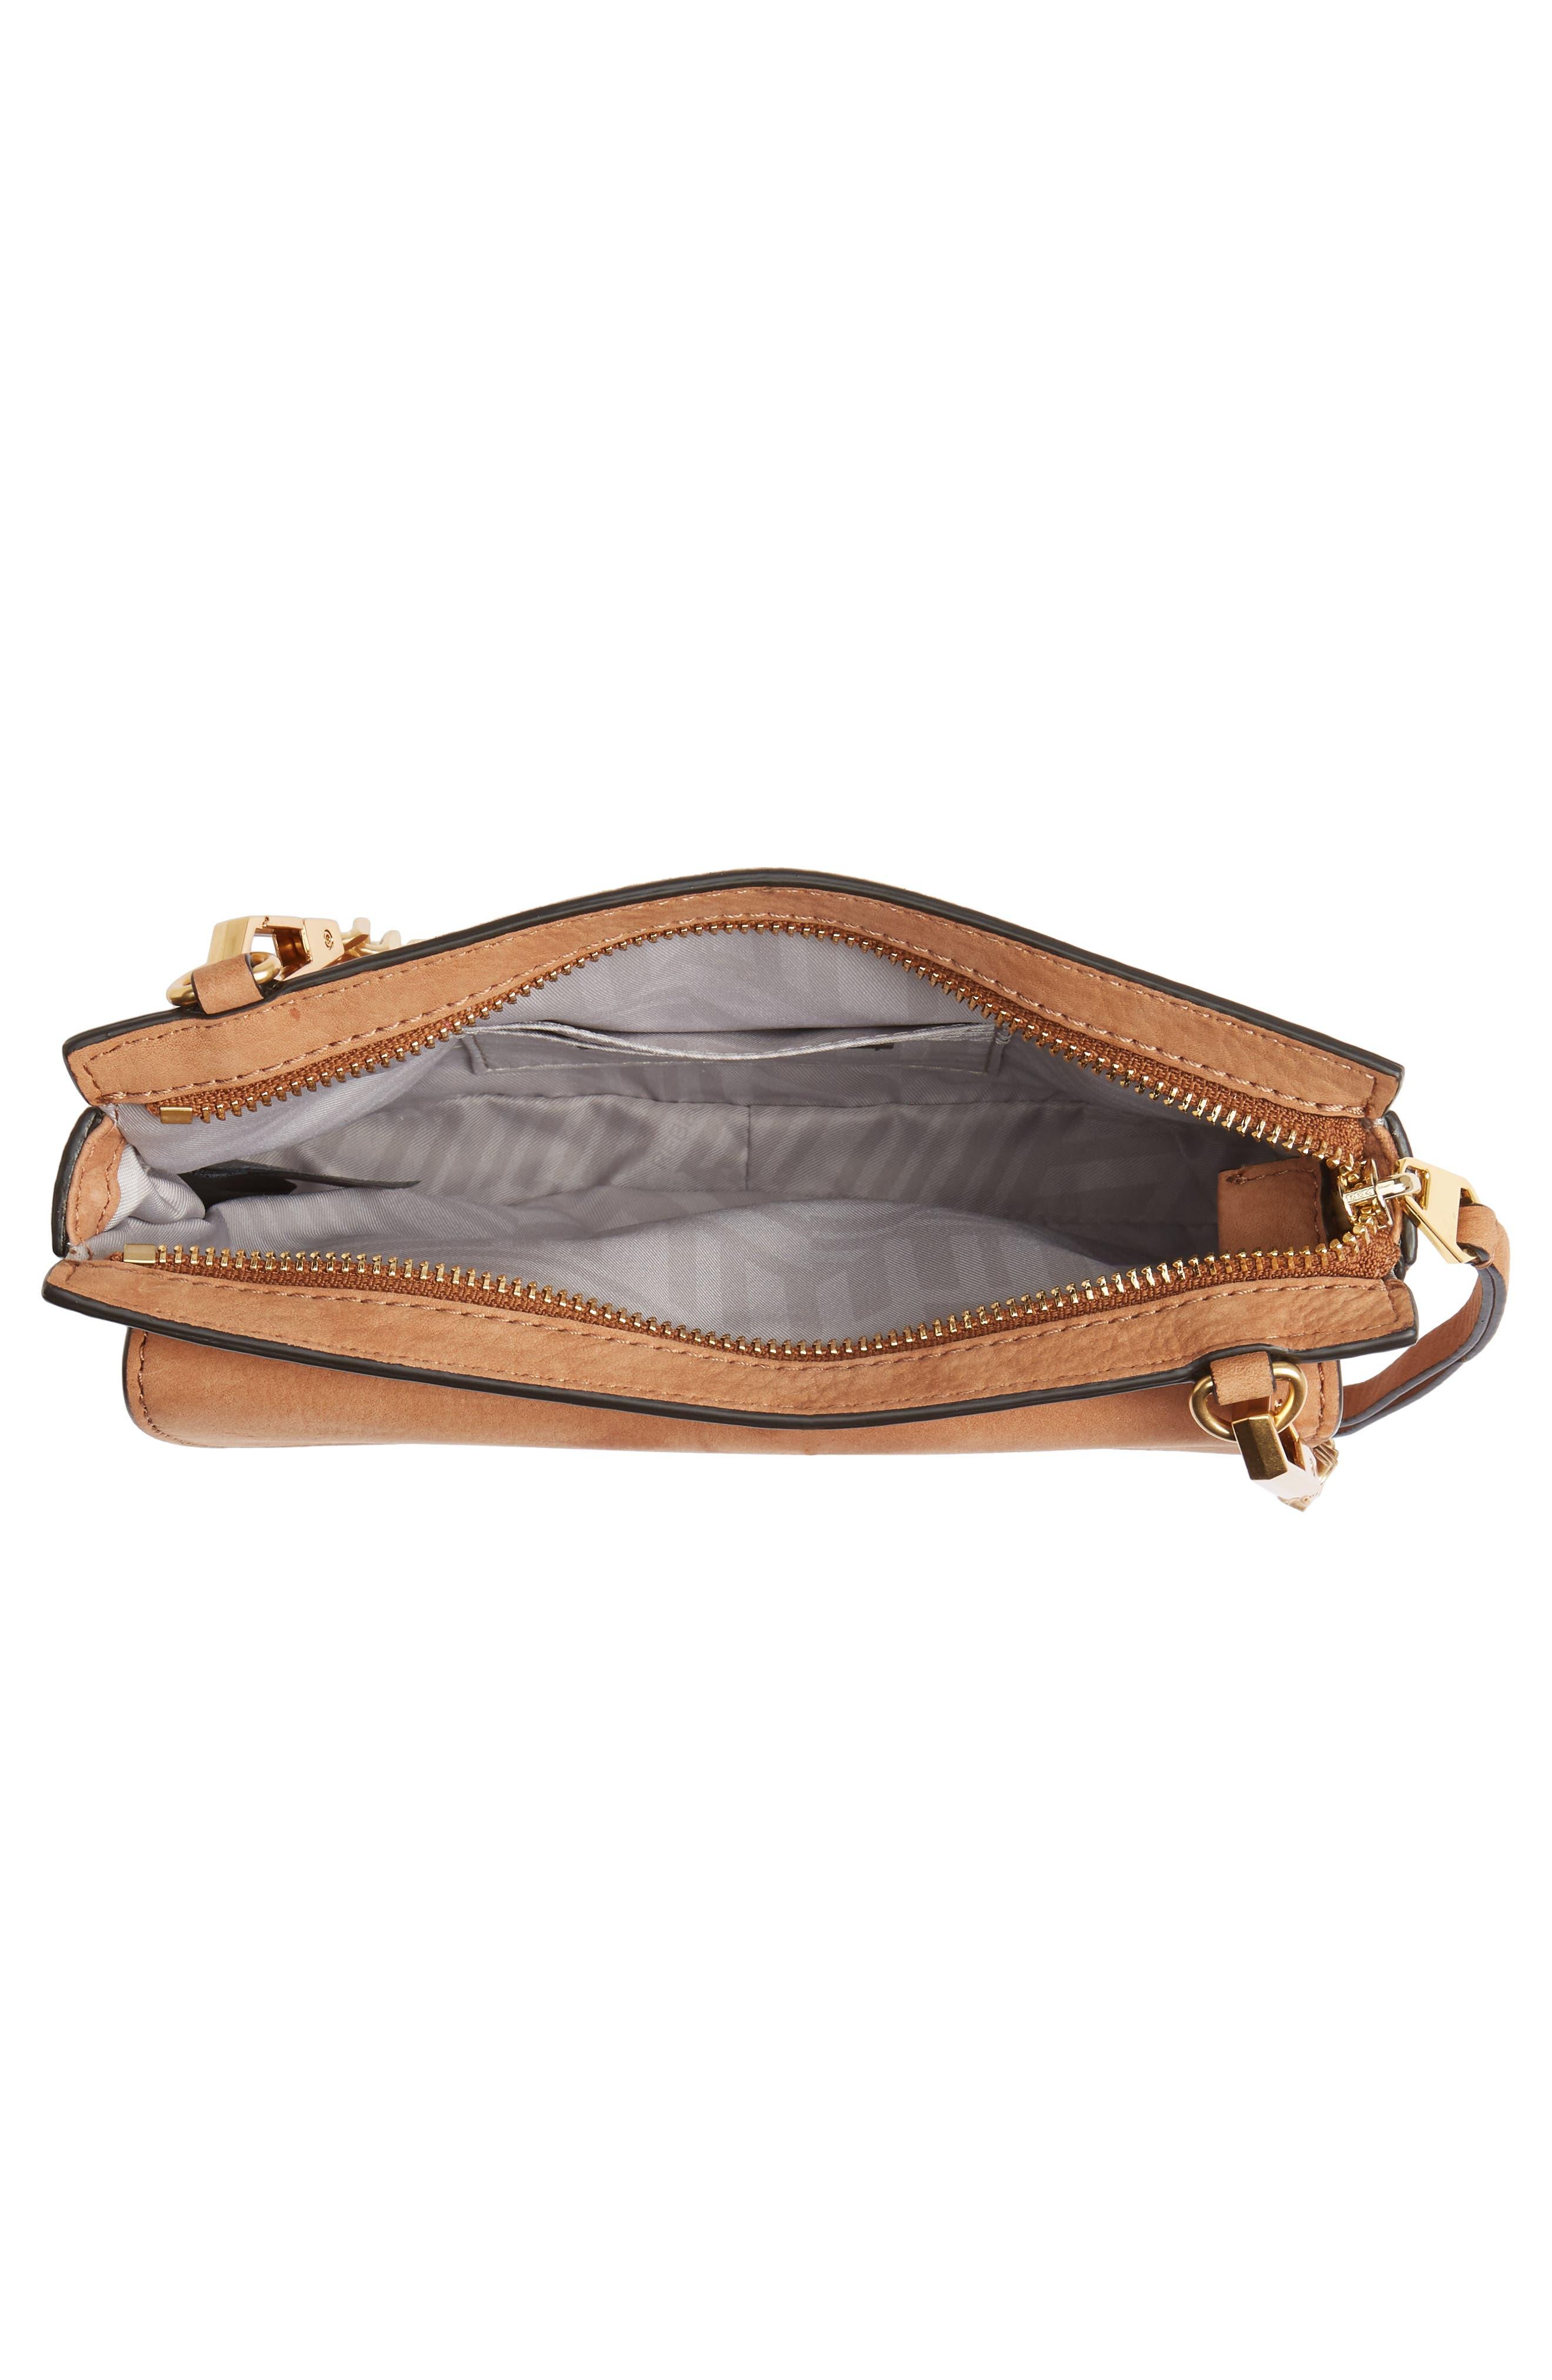 Medium Bree Nubuck Crossbody Wallet,                             Alternate thumbnail 4, color,                             230